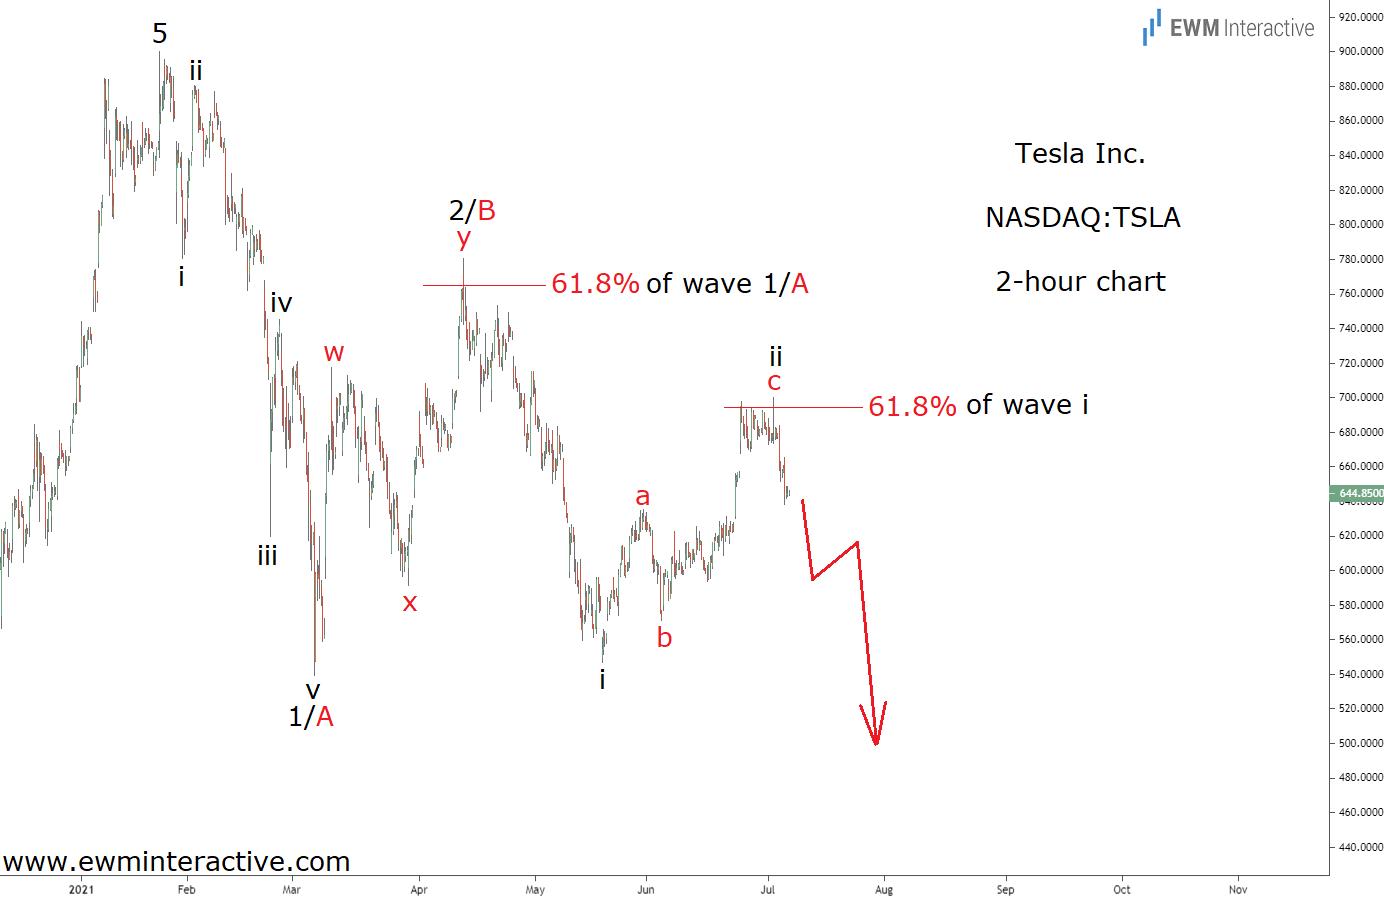 Пузырь Tesla, похоже, наконец лопнет